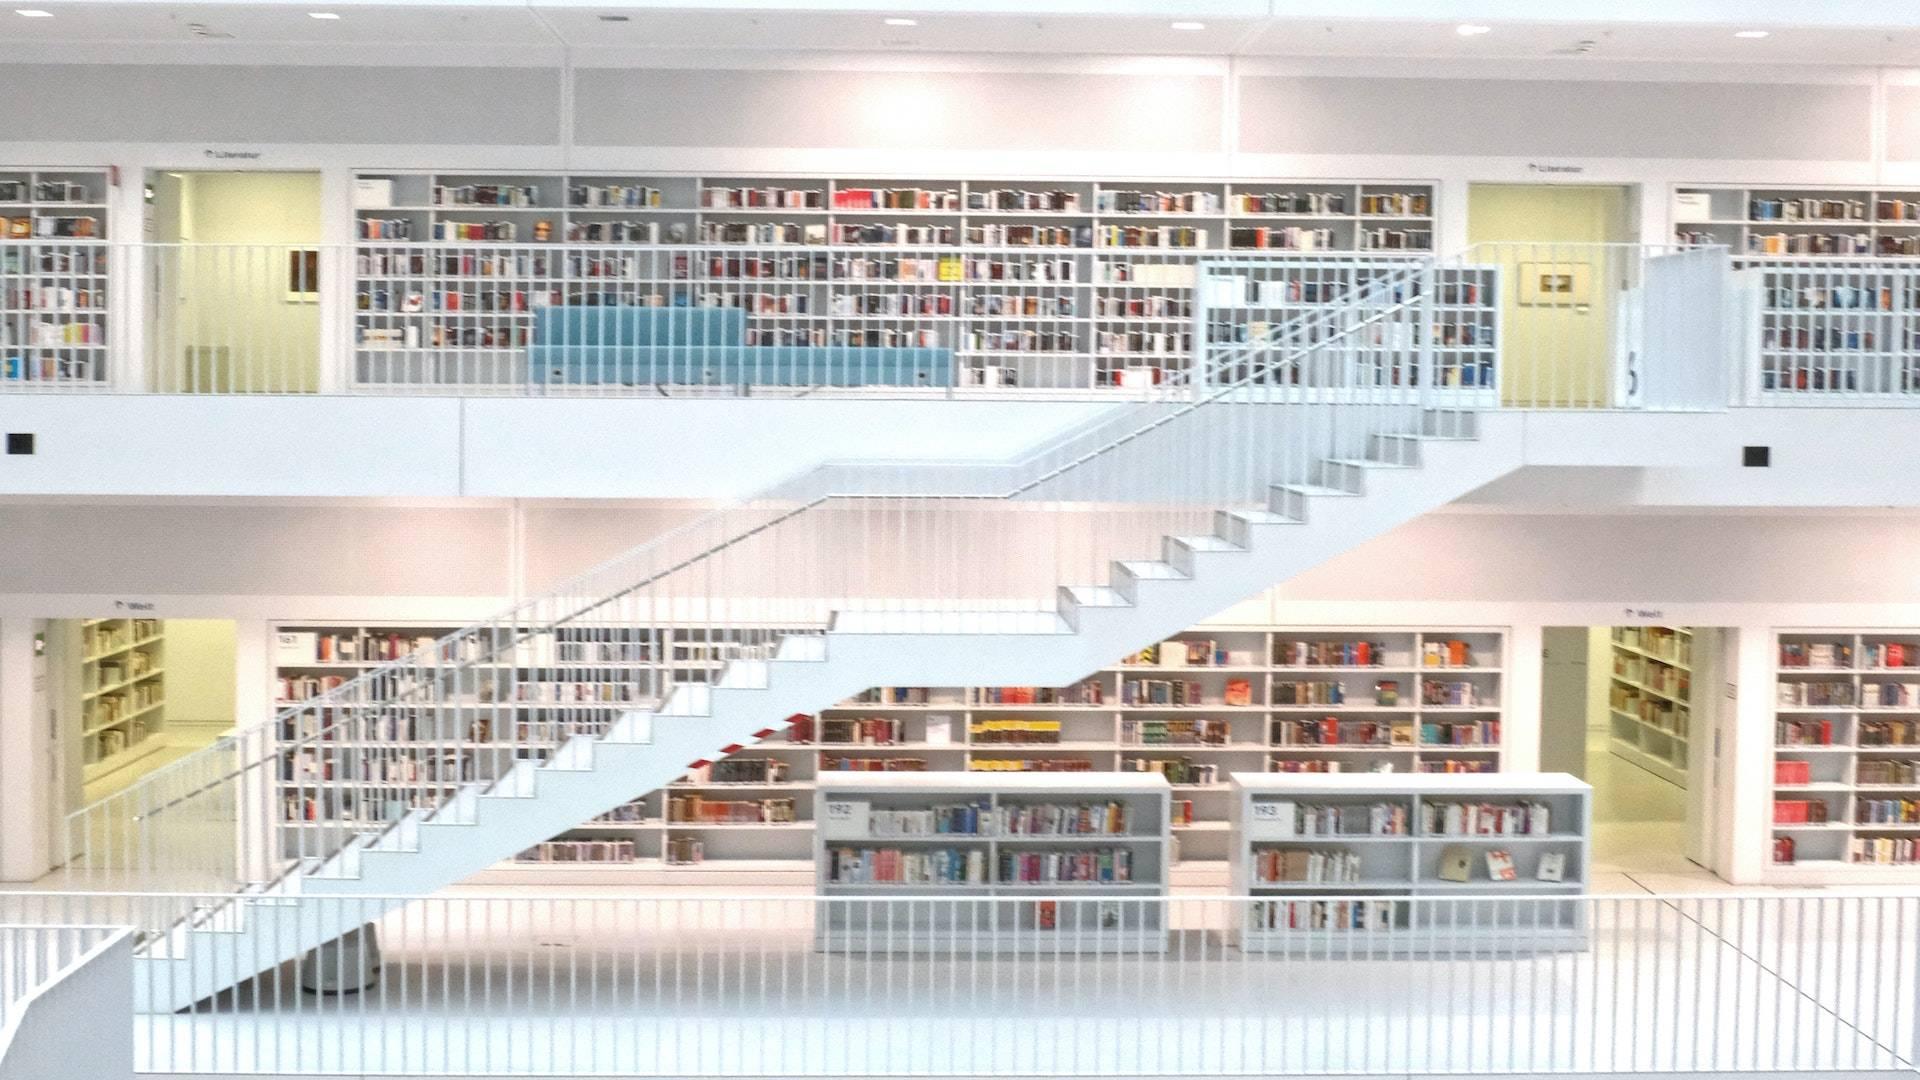 新基建重构智慧教育生态——2020智慧教育发展研究报告